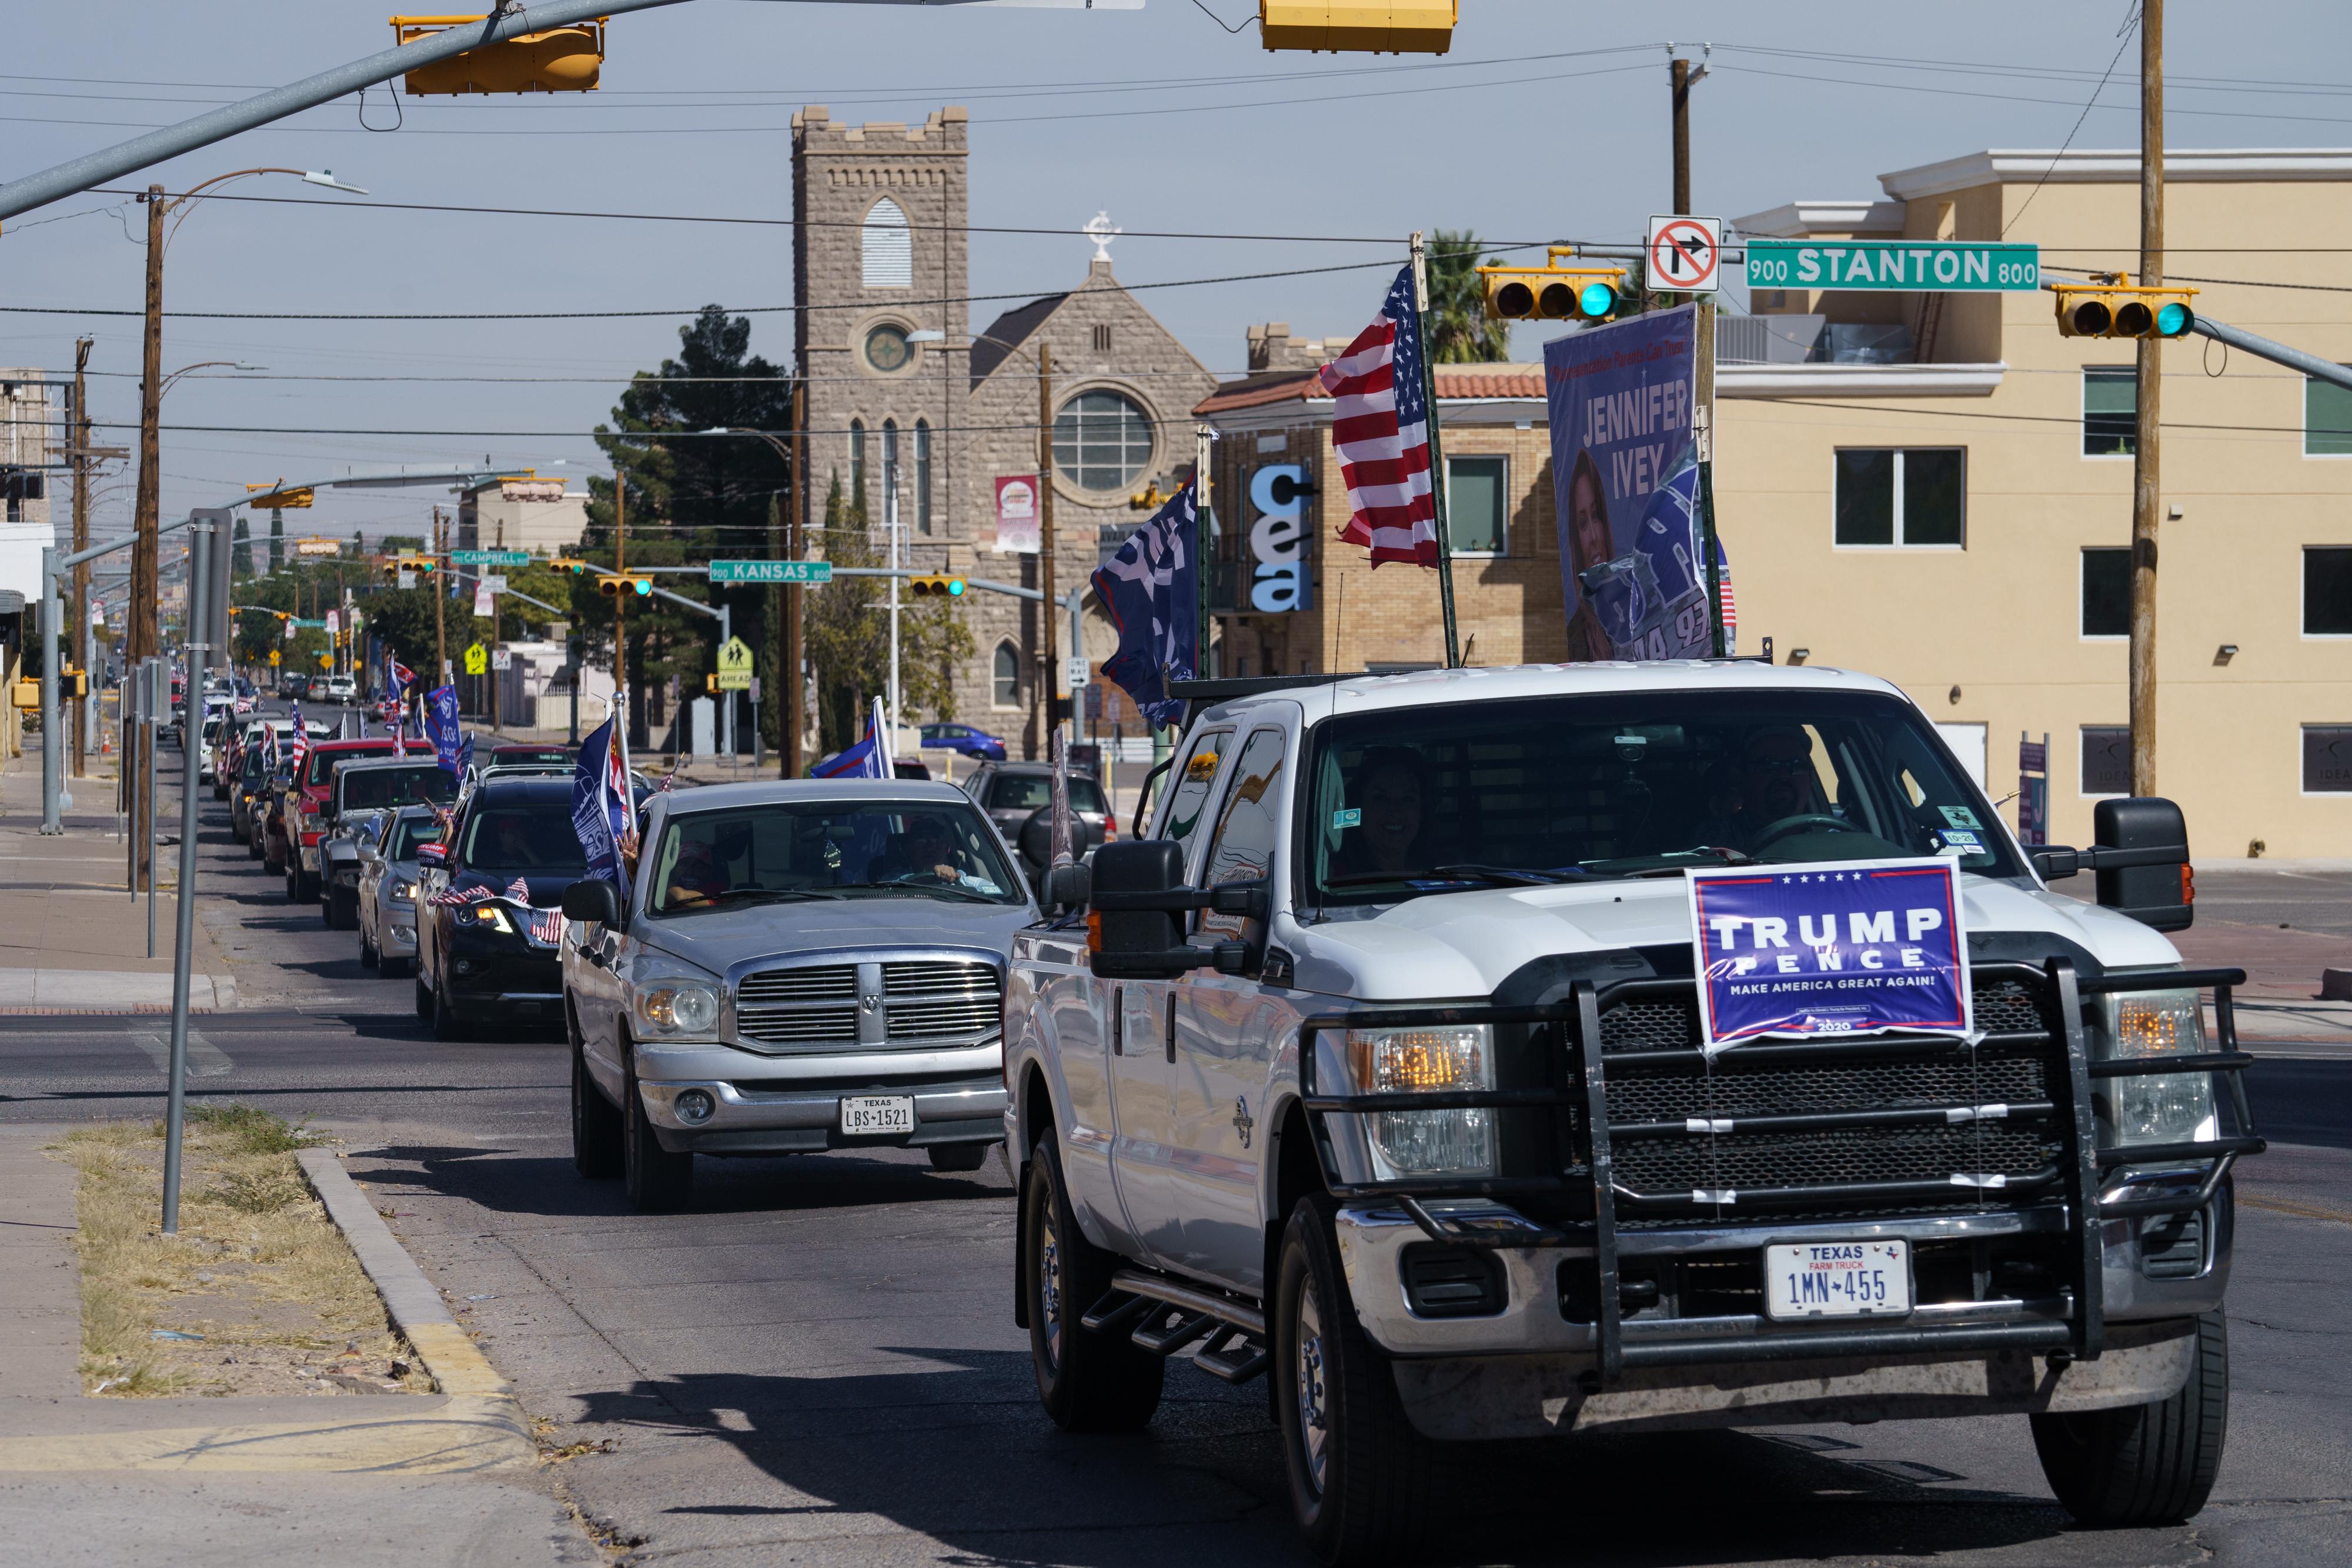 """Trump """"lovassága"""" megpróbálta megállítani a Biden-kampány buszát a texasi autópályán"""